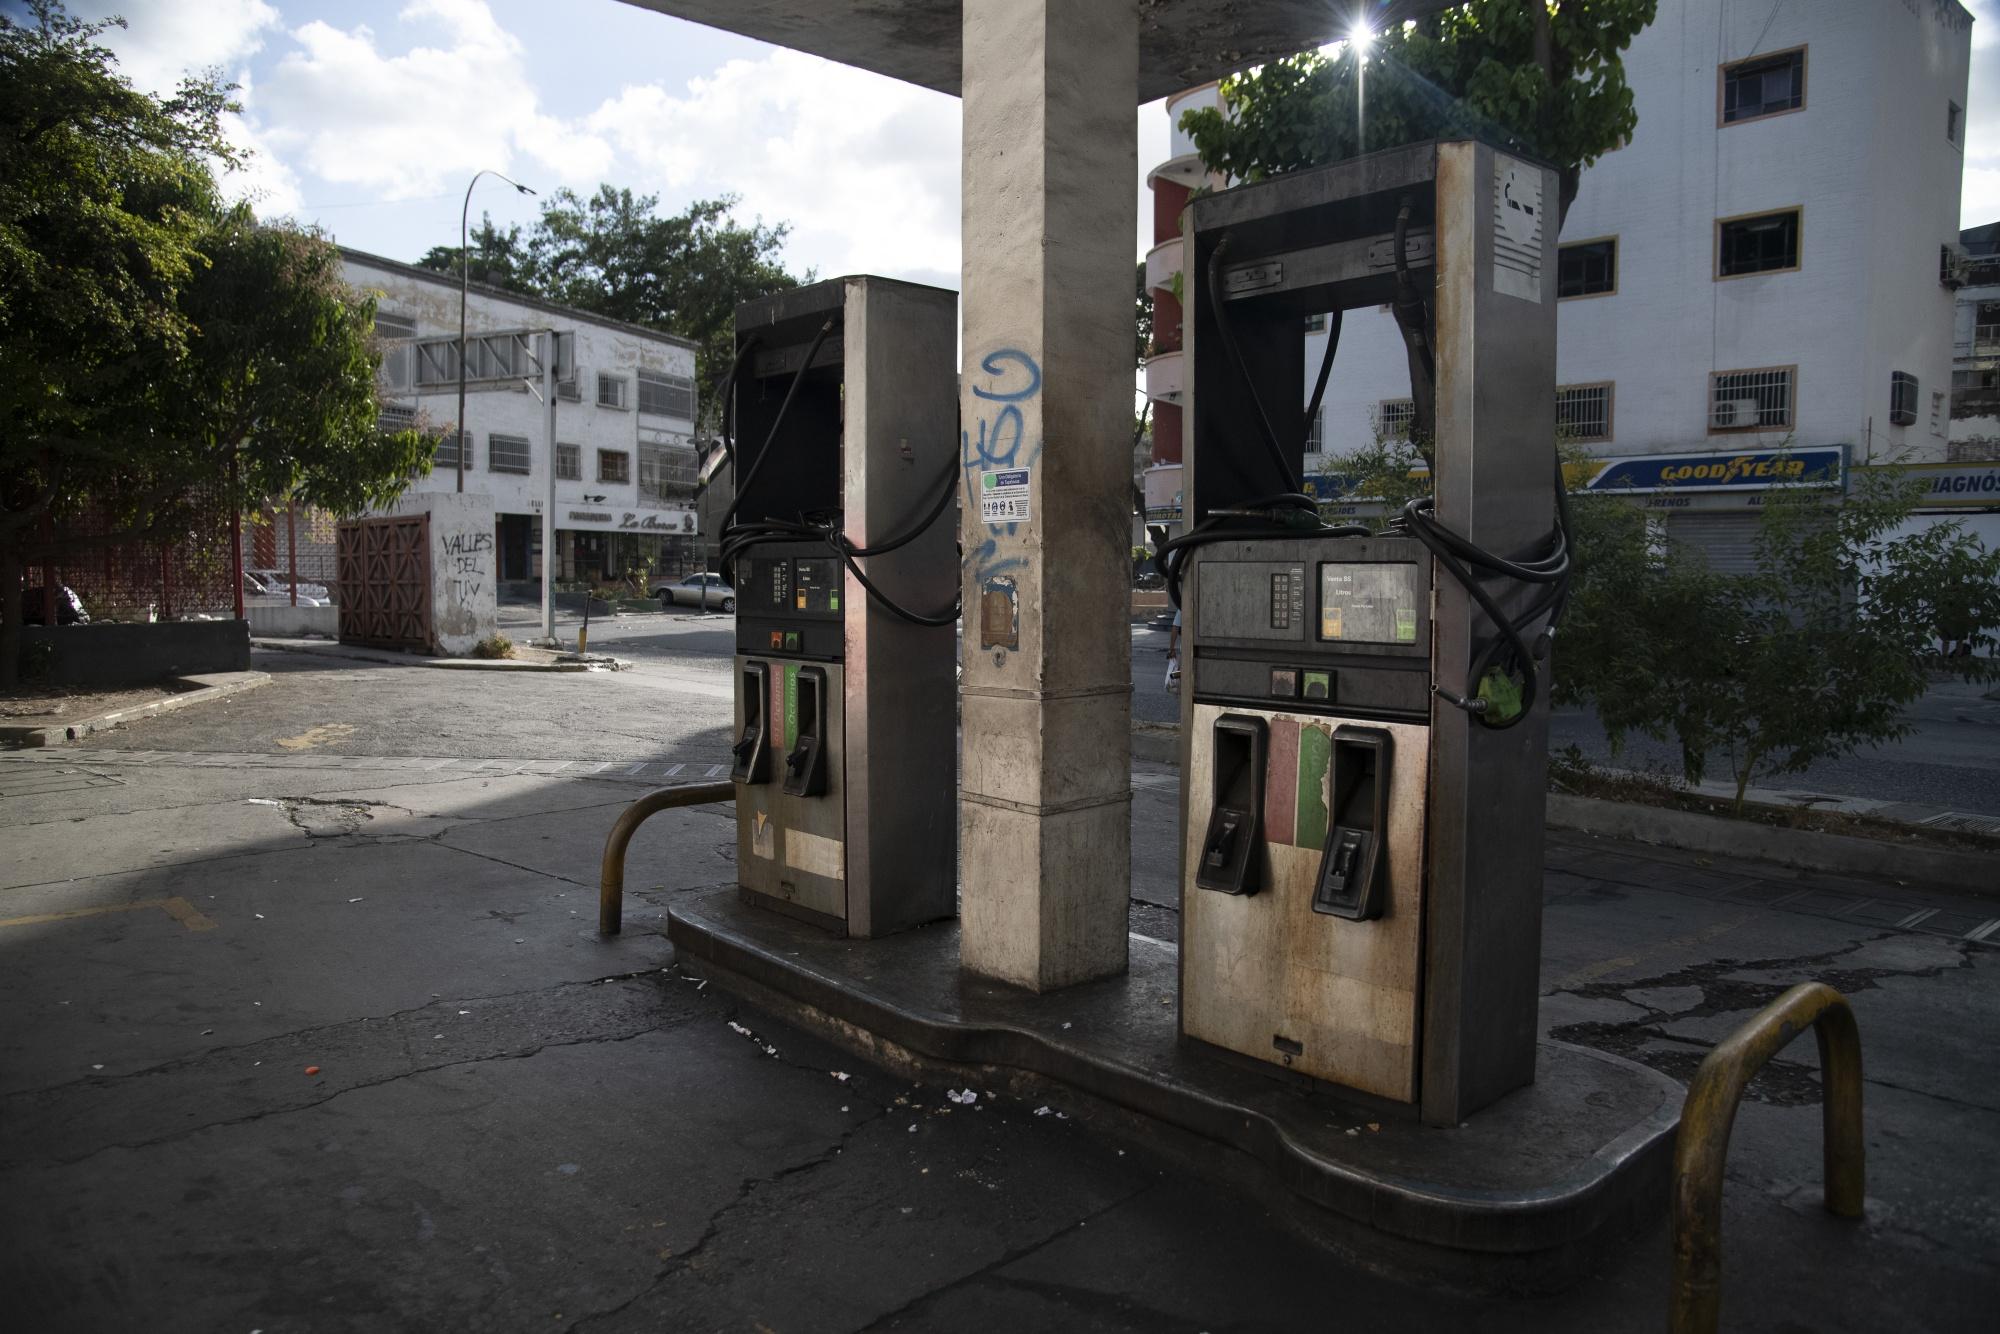 Fuera del dinero y el combustible, Venezuela tiene más de cien estaciones de servicio.